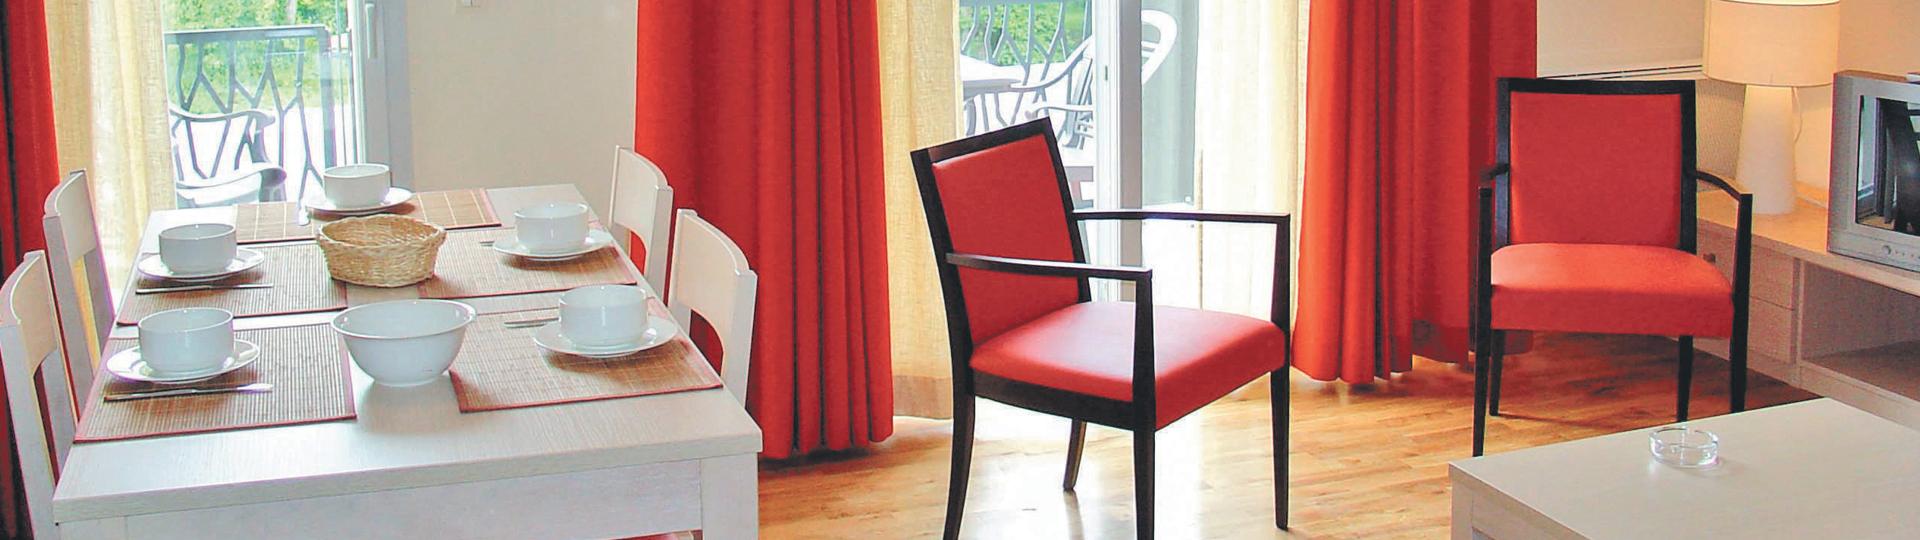 Appartement meubl 2 pi ces location pr s de gen ve for Location appartement meuble geneve